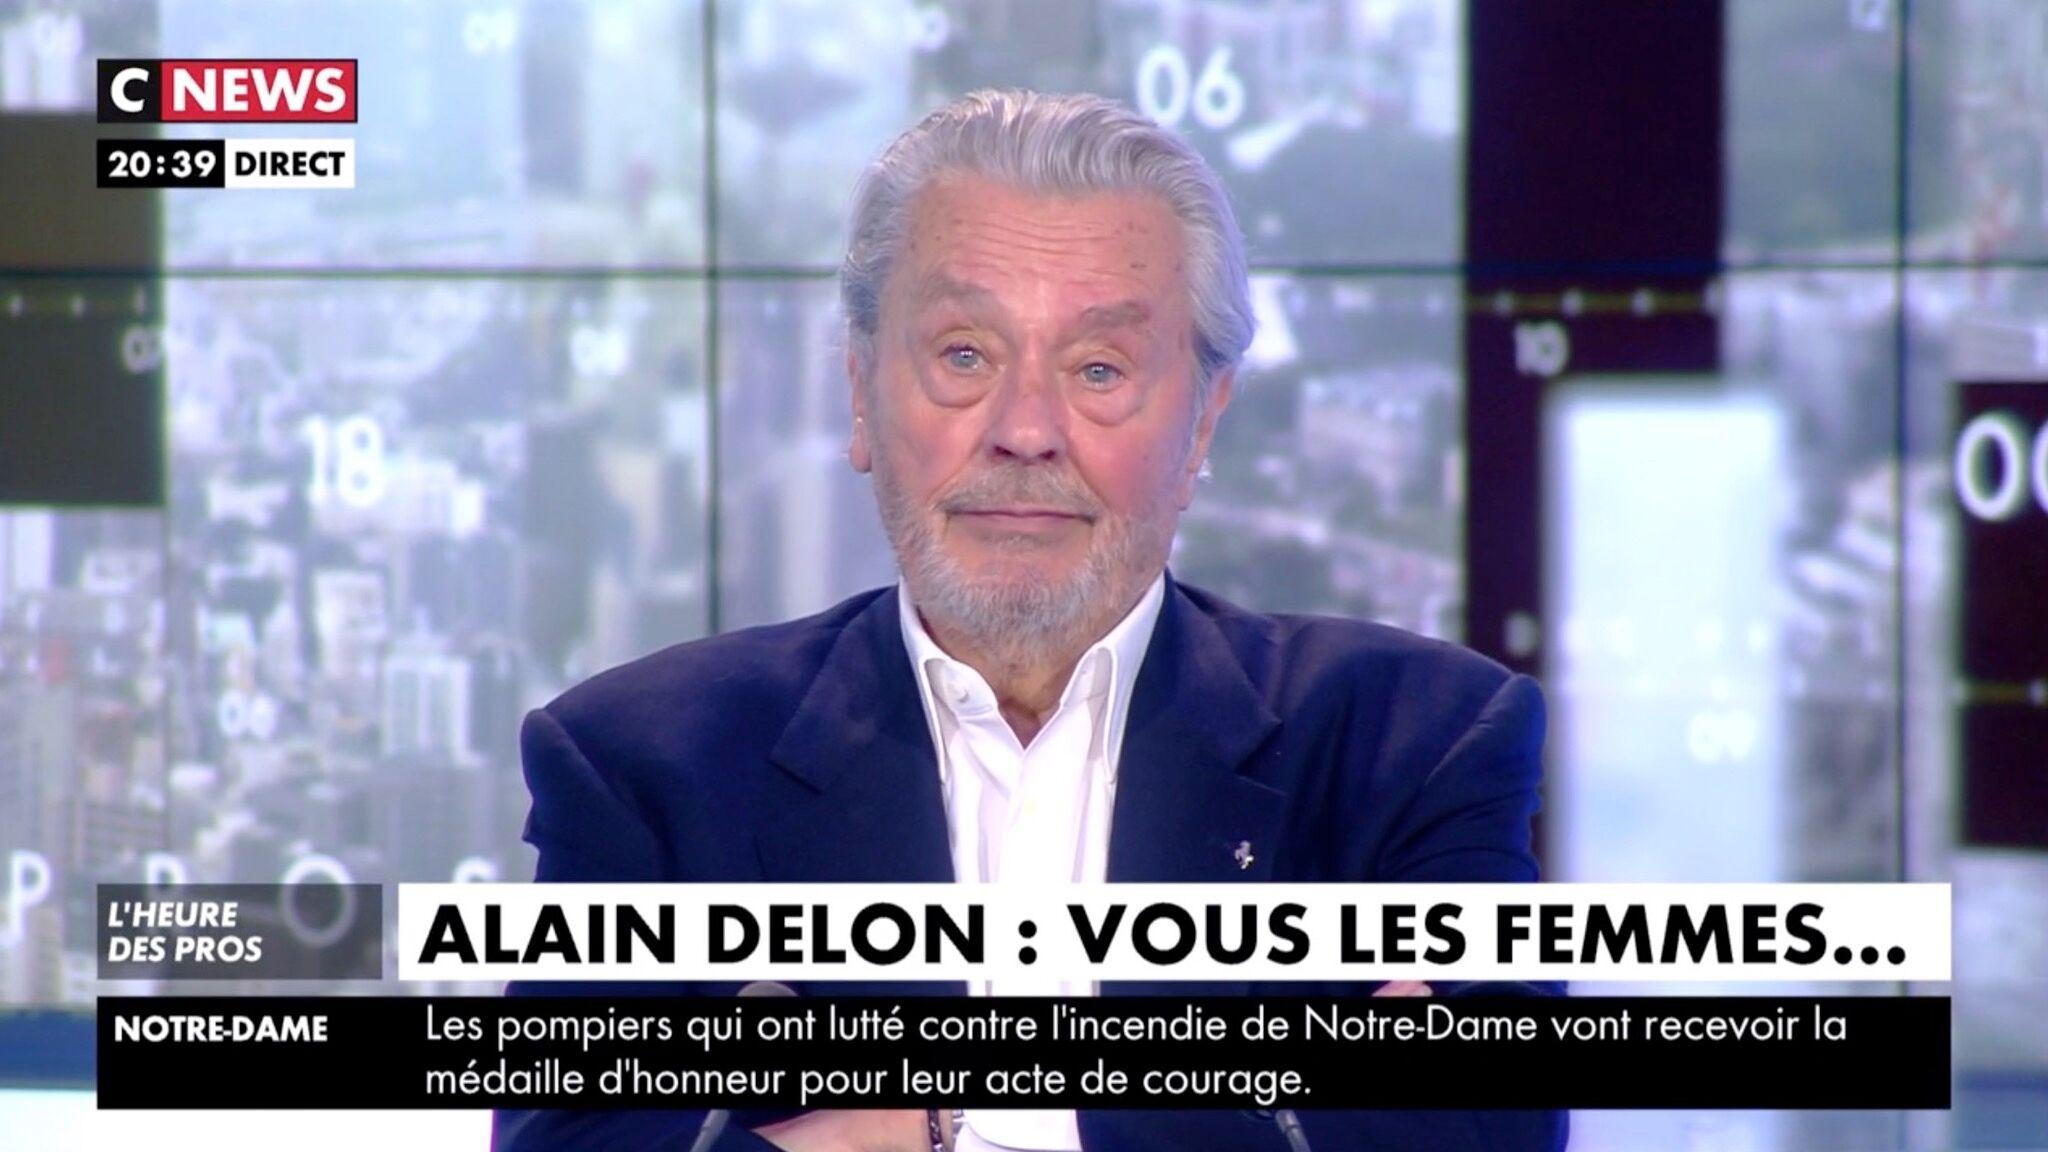 VIDEO Alain Delon bouleversé en entendant Dalida chanter, il exprime son plus grand regret